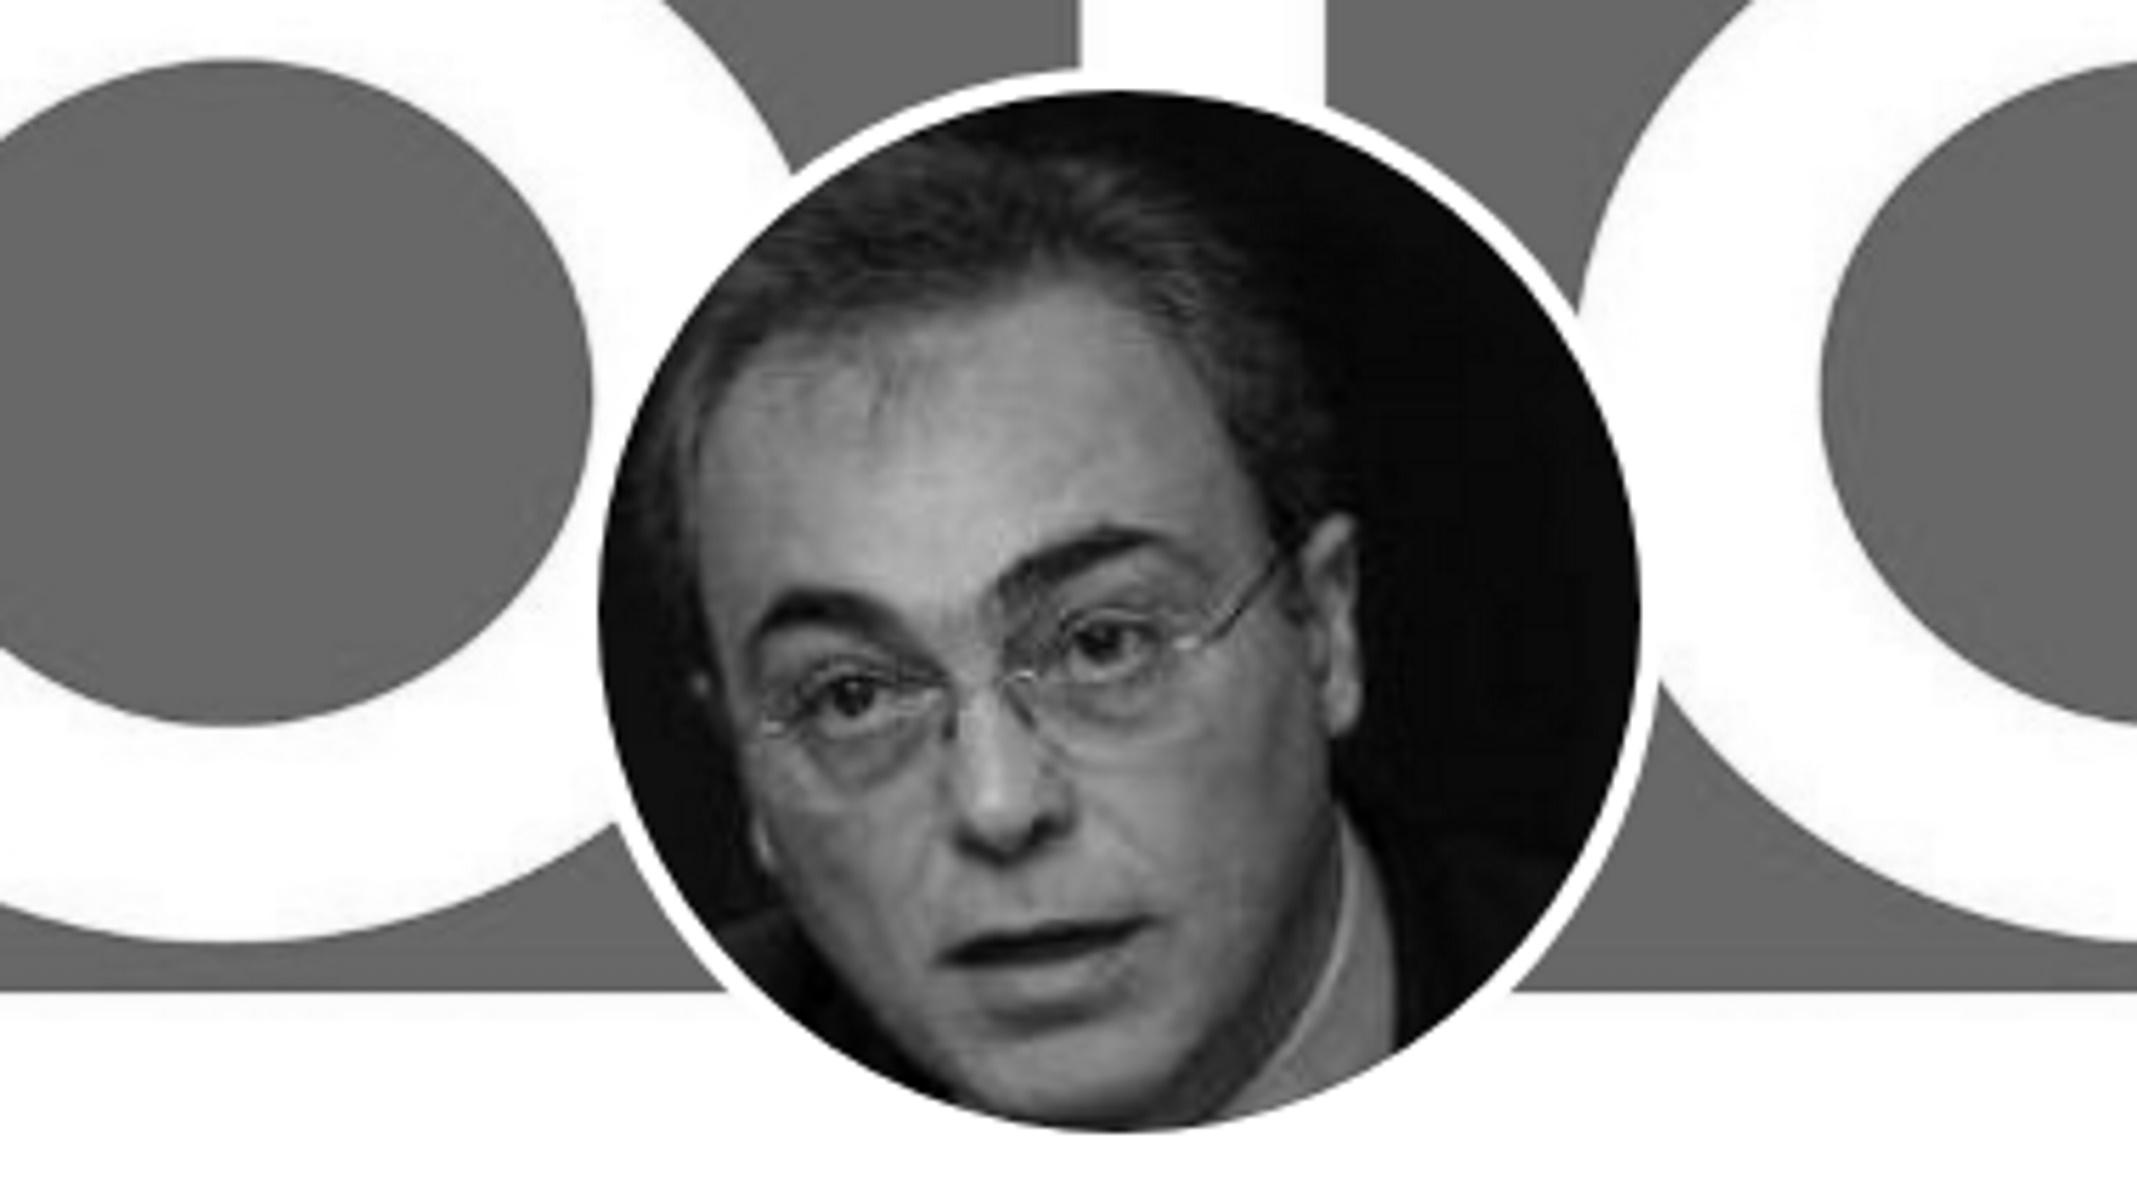 Πέθανε ο δημοσιογράφος Κώστας Ψωμιάδης – Συλλυπητήριο μήνυμα της ΕΣΗΕΑ